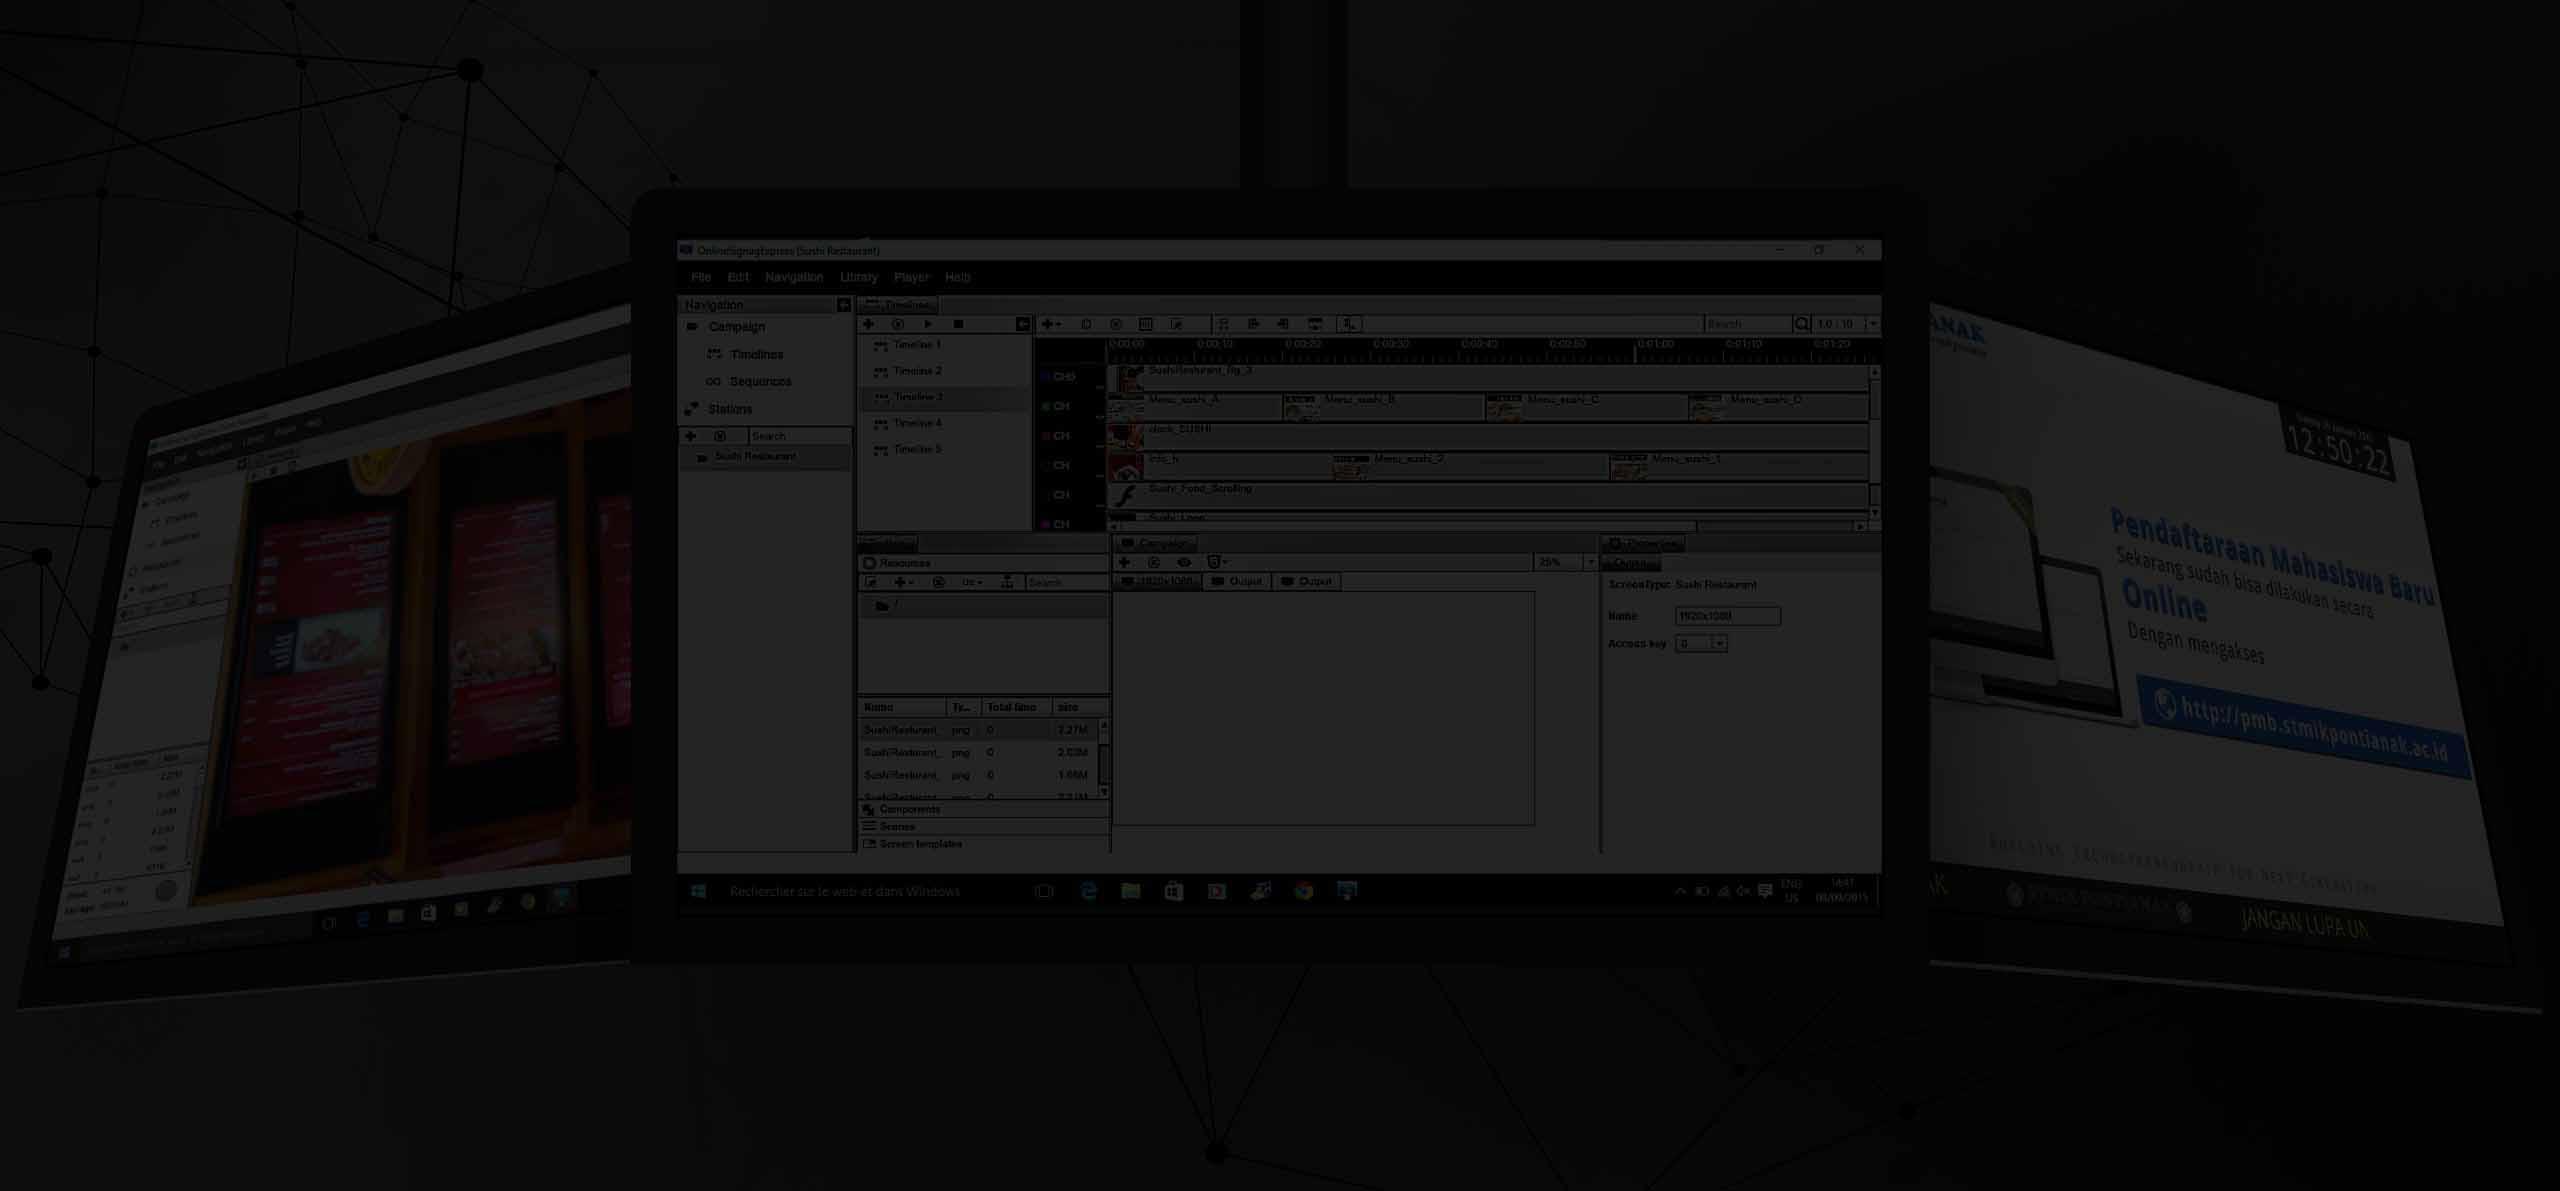 programa de gestión de contenidos para pantallas led y monitores profesionales